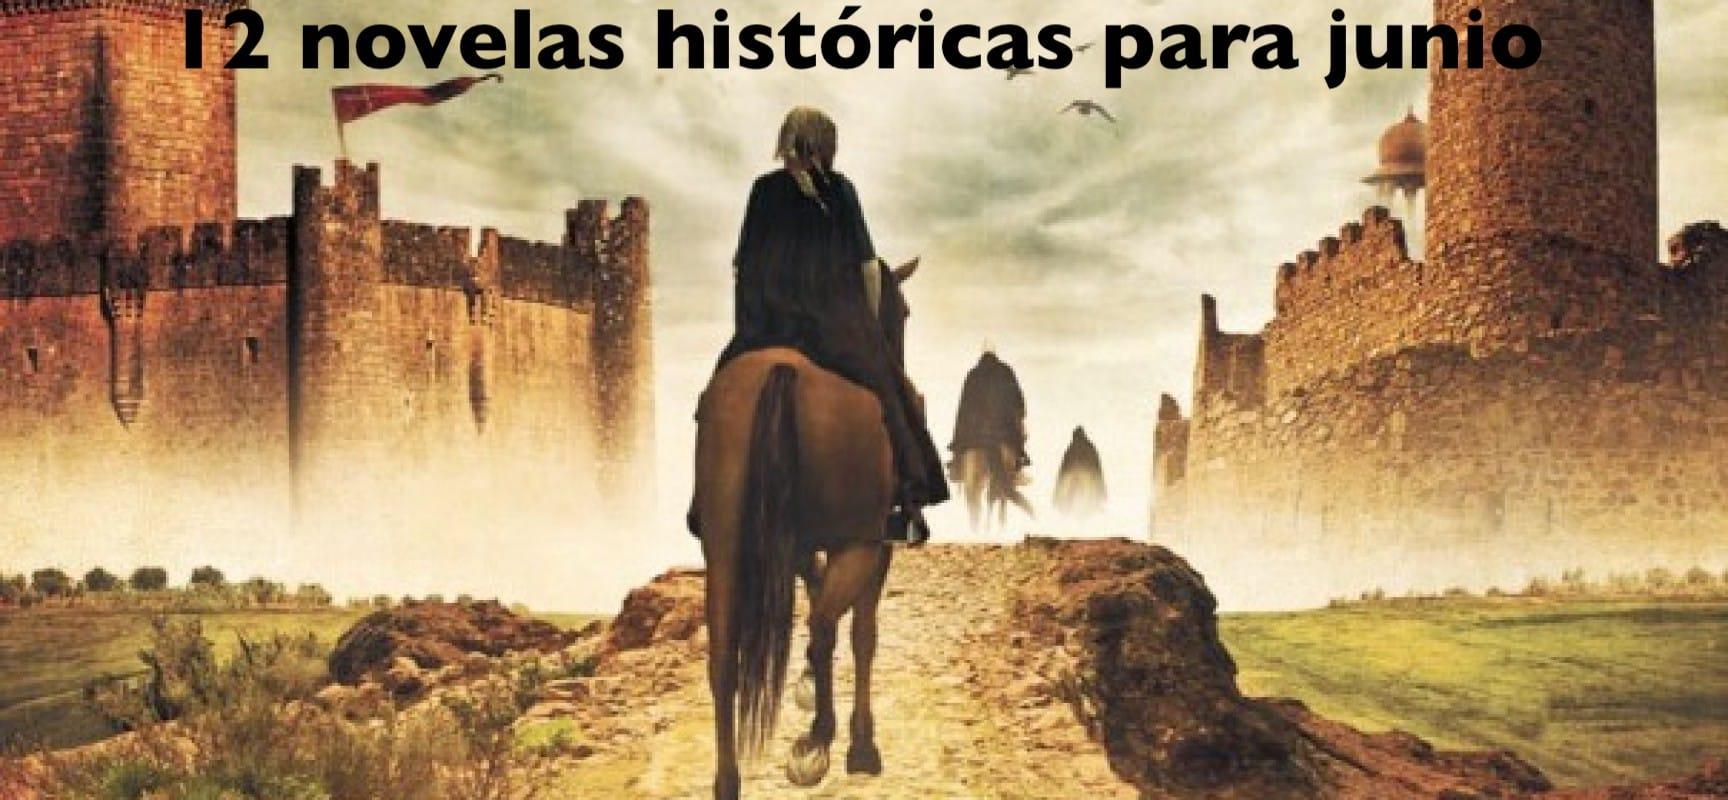 12 novelas históricas para junio